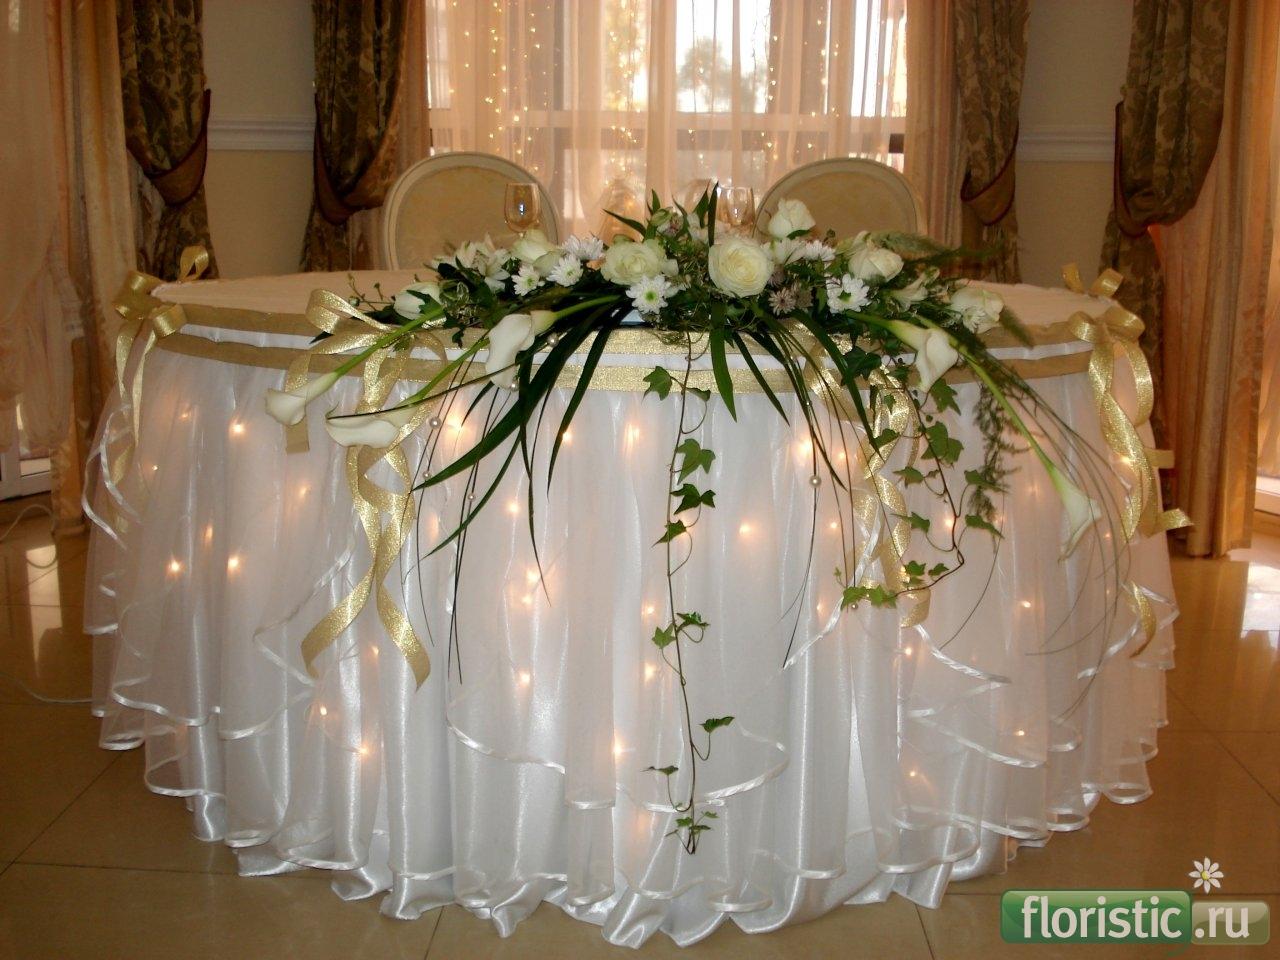 Как украсить стол дома на свадьбу своими руками фото